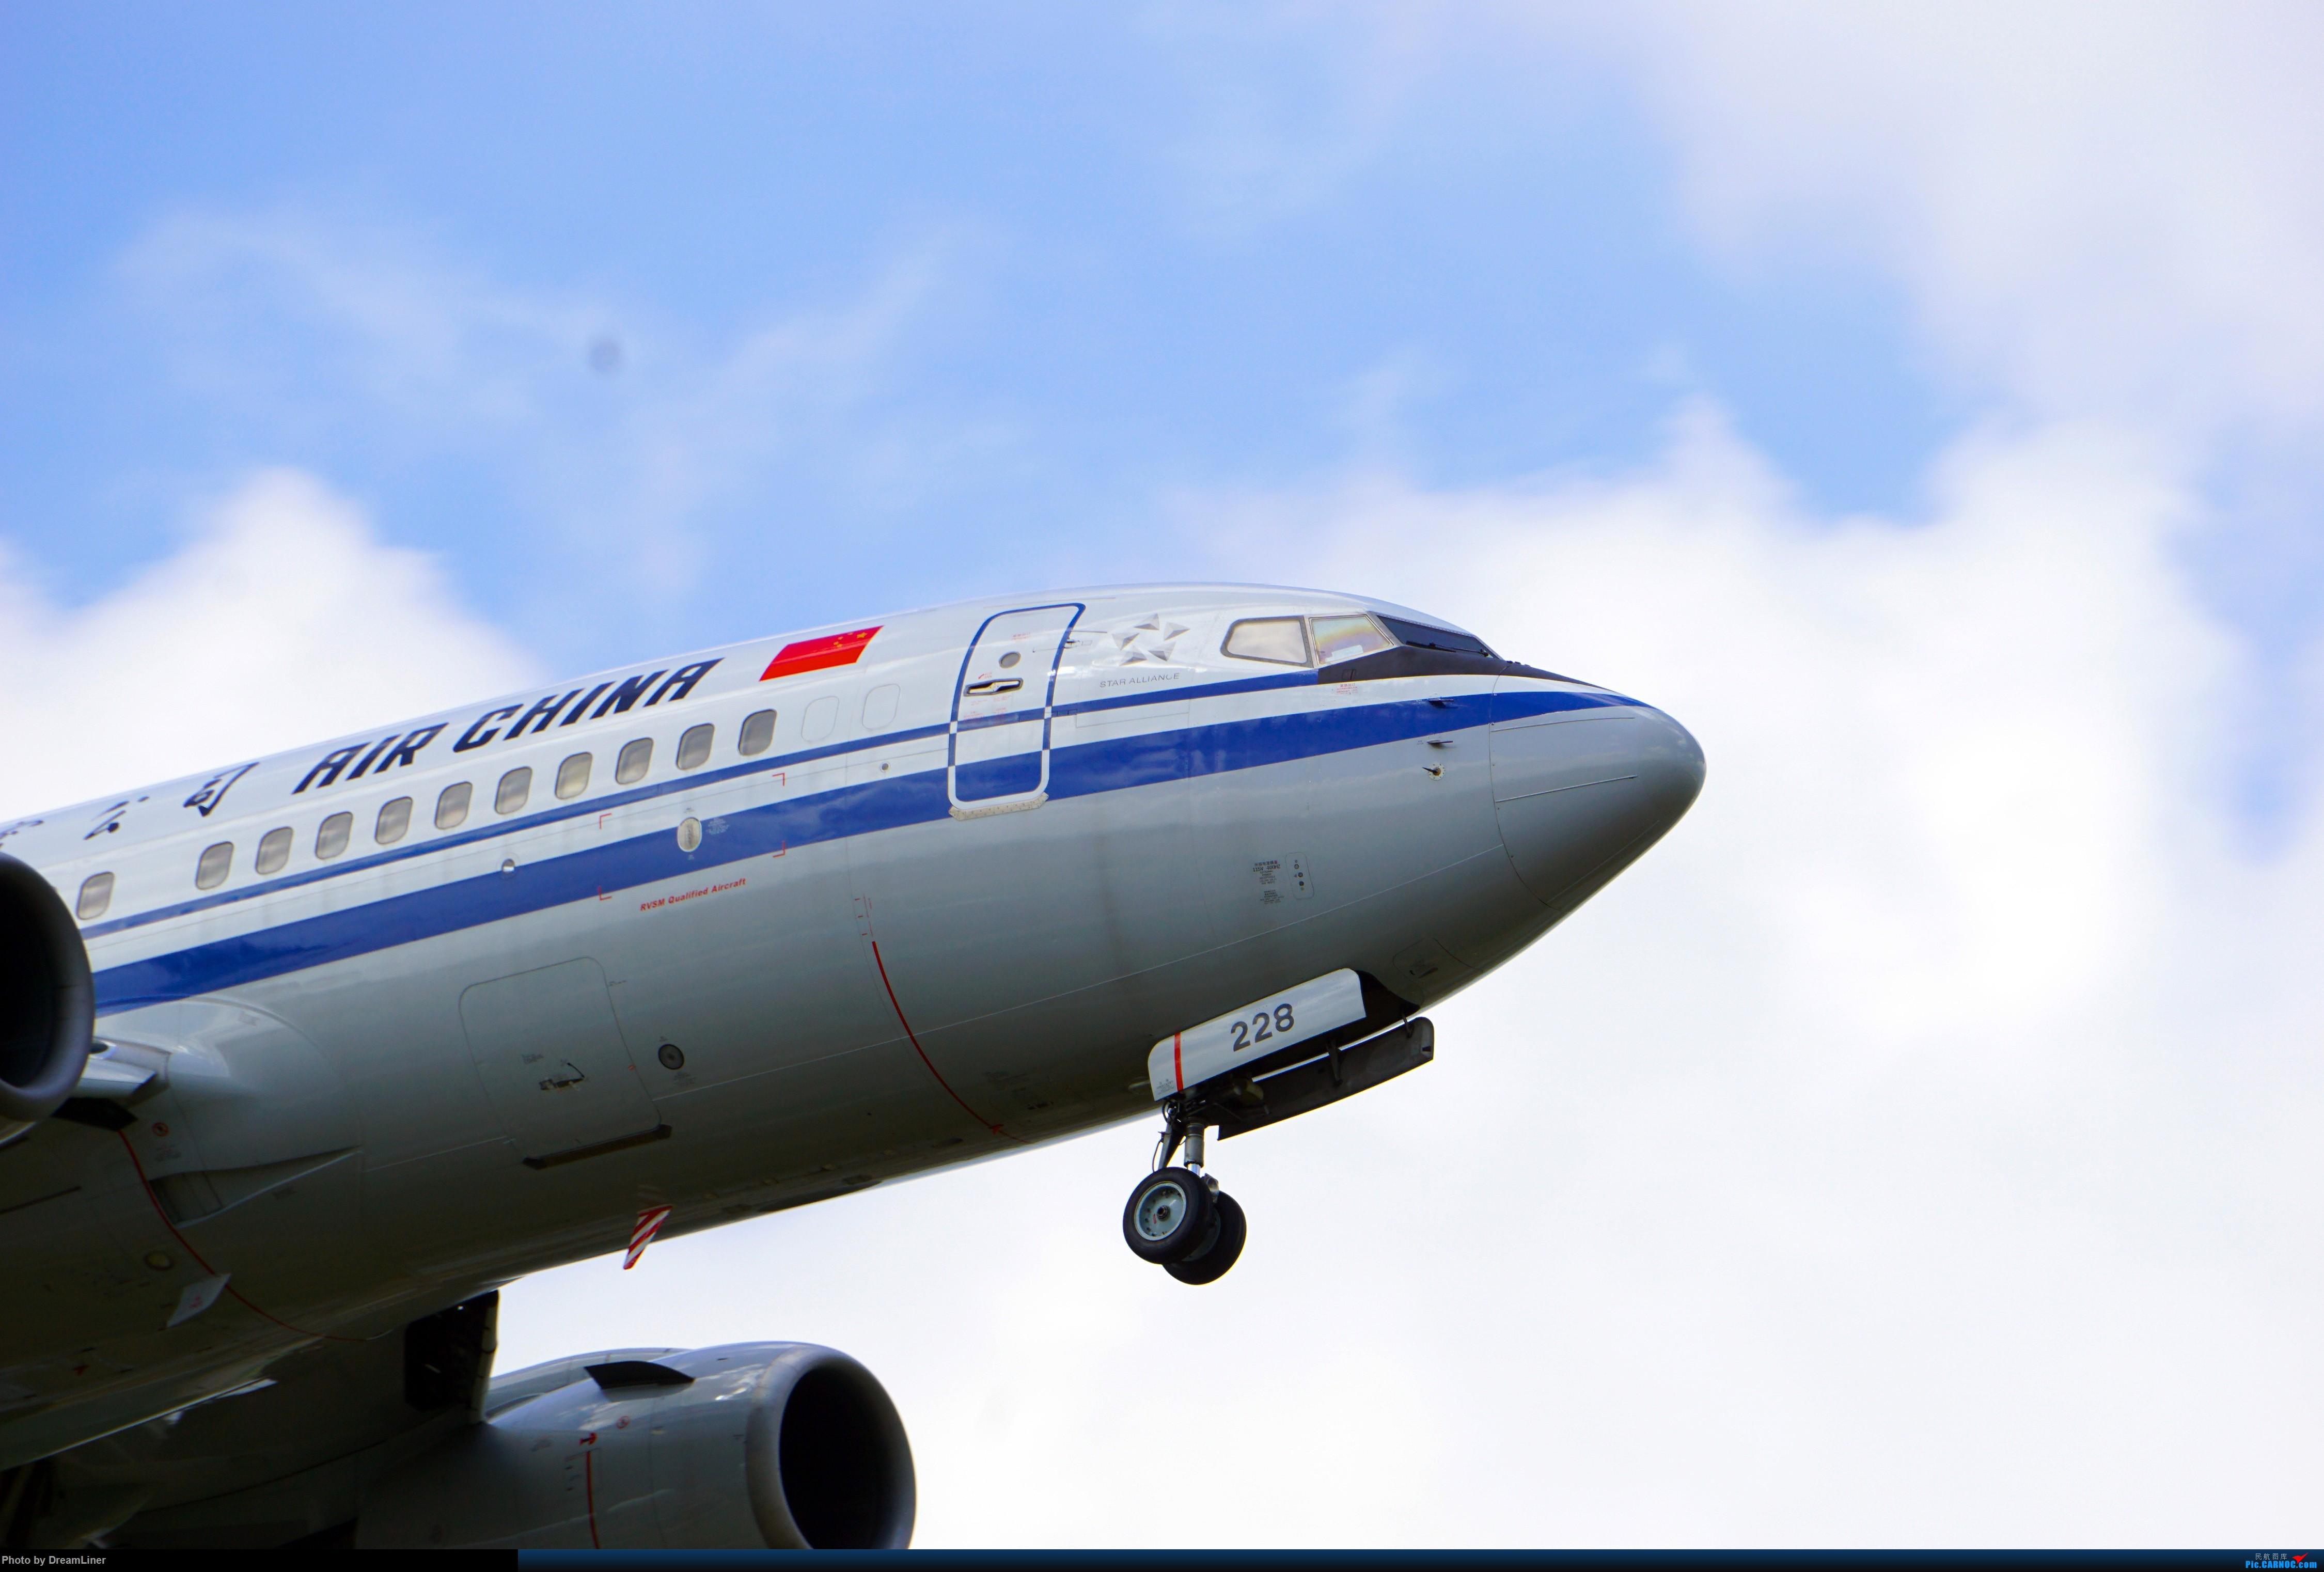 Re:[原创]2016.10.3 白云机场明星村、团结村拍机(部分修图) BOEING 737-700 B-5228 中国广州白云国际机场